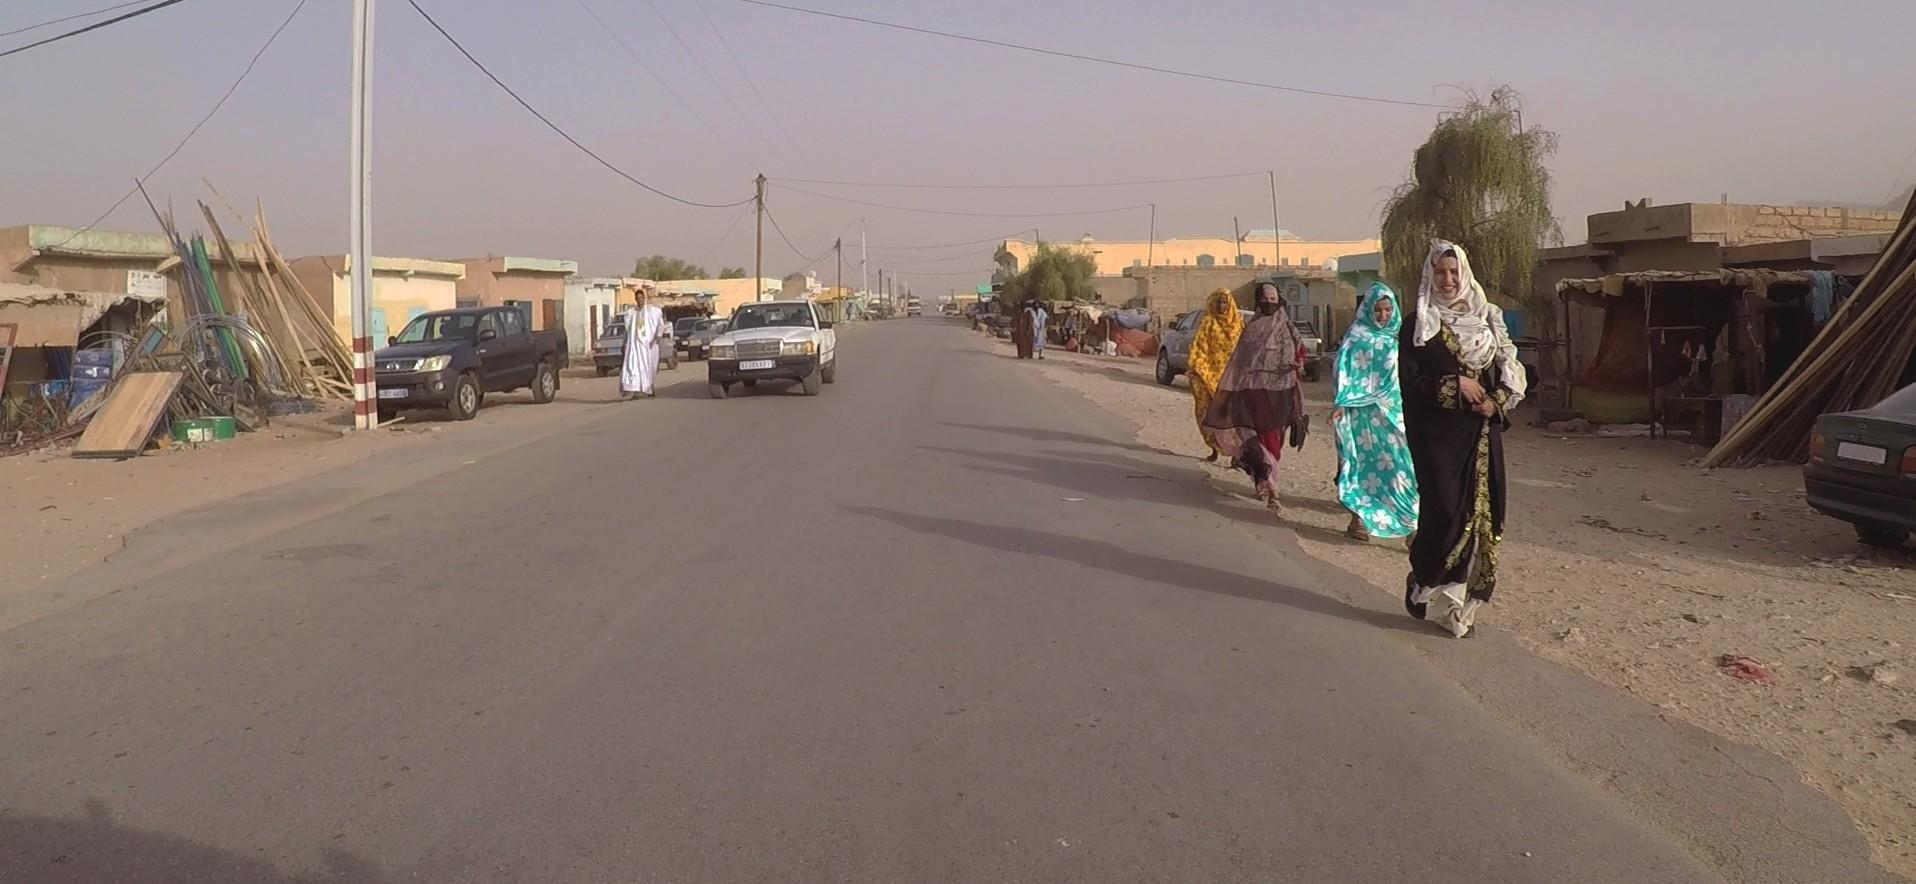 caminando carretera mauritania pablocaminante - Mauritania 4/5, Nouakchott a Gogui